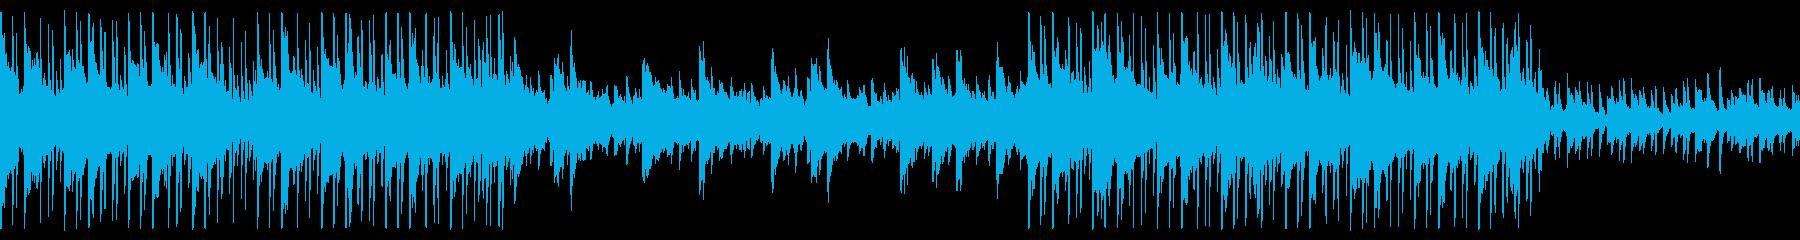 ループ企業BGMなどに明るくシンプルな曲の再生済みの波形